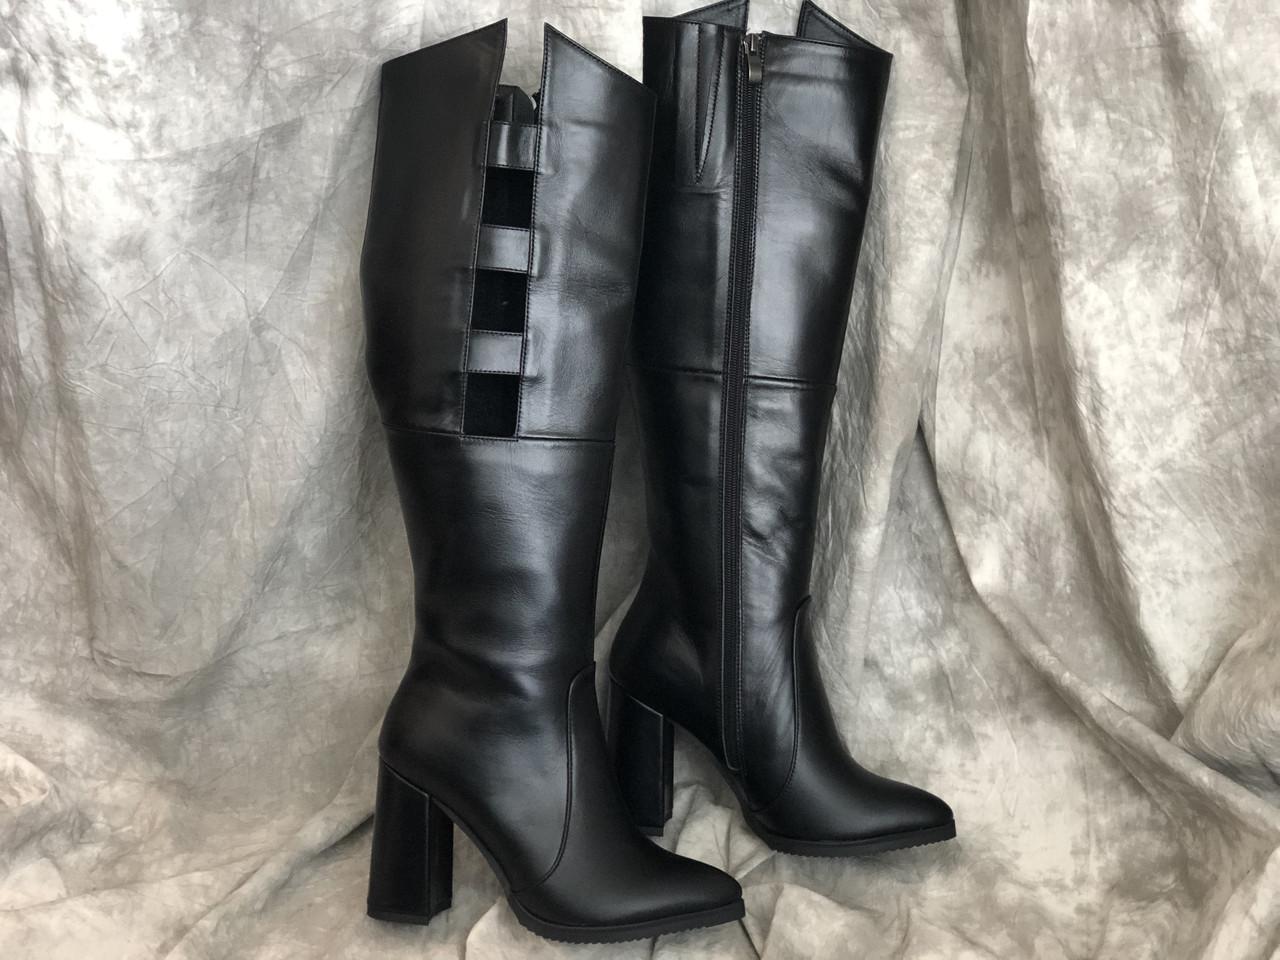 Кожаные Женские сапоги з натуральной кожи 0021 ч/к размеры 35-40